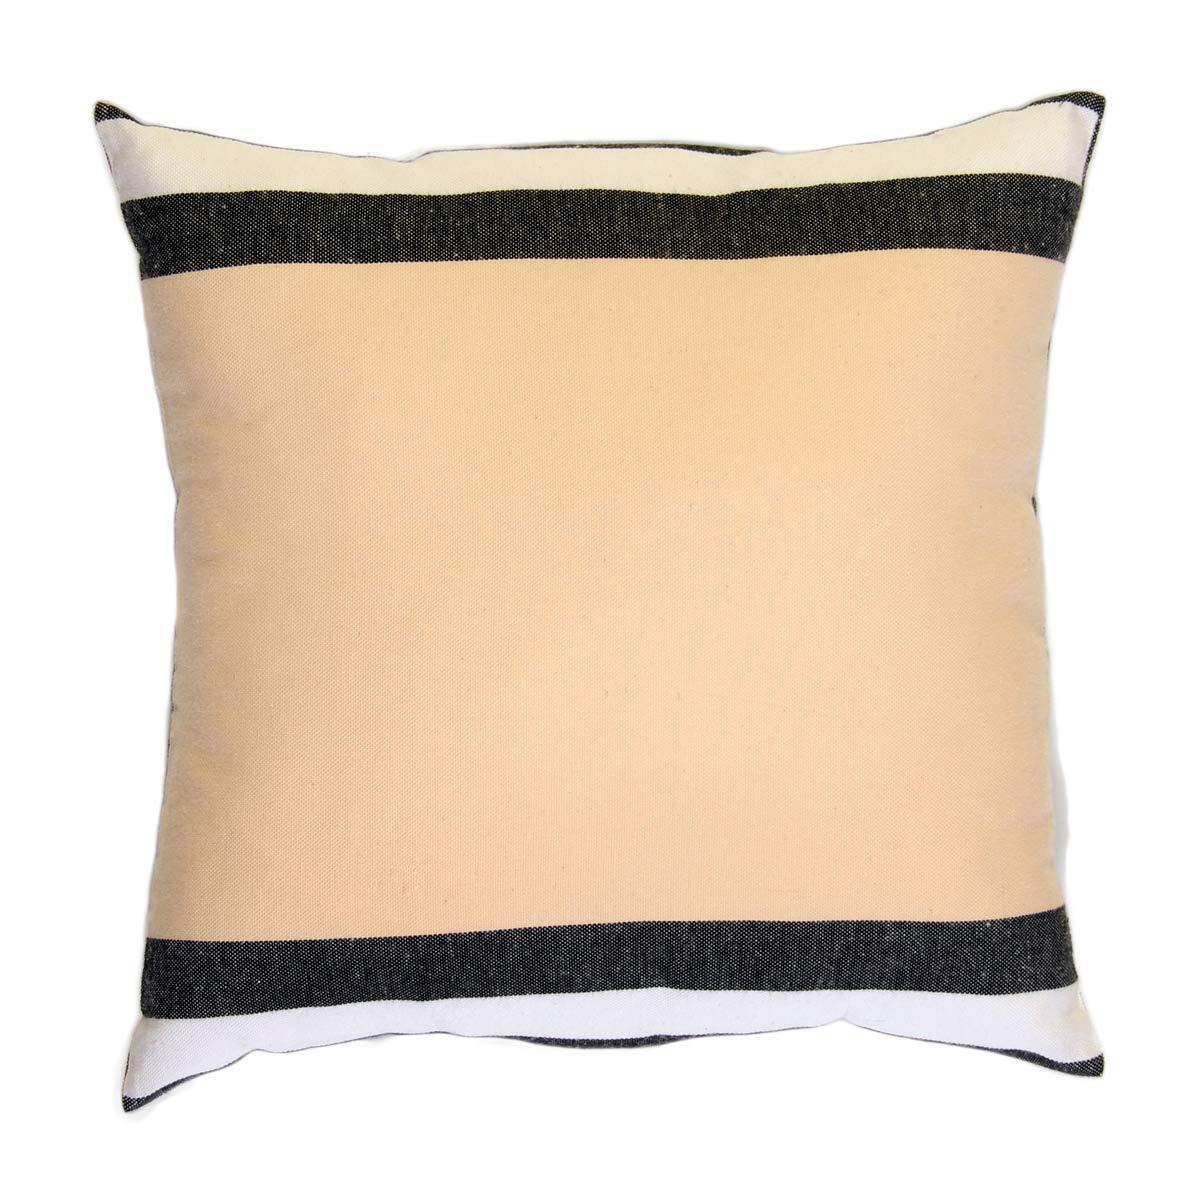 DJERBA - Housse de coussin coton tri-bande noir blanc et écru 40 x 40